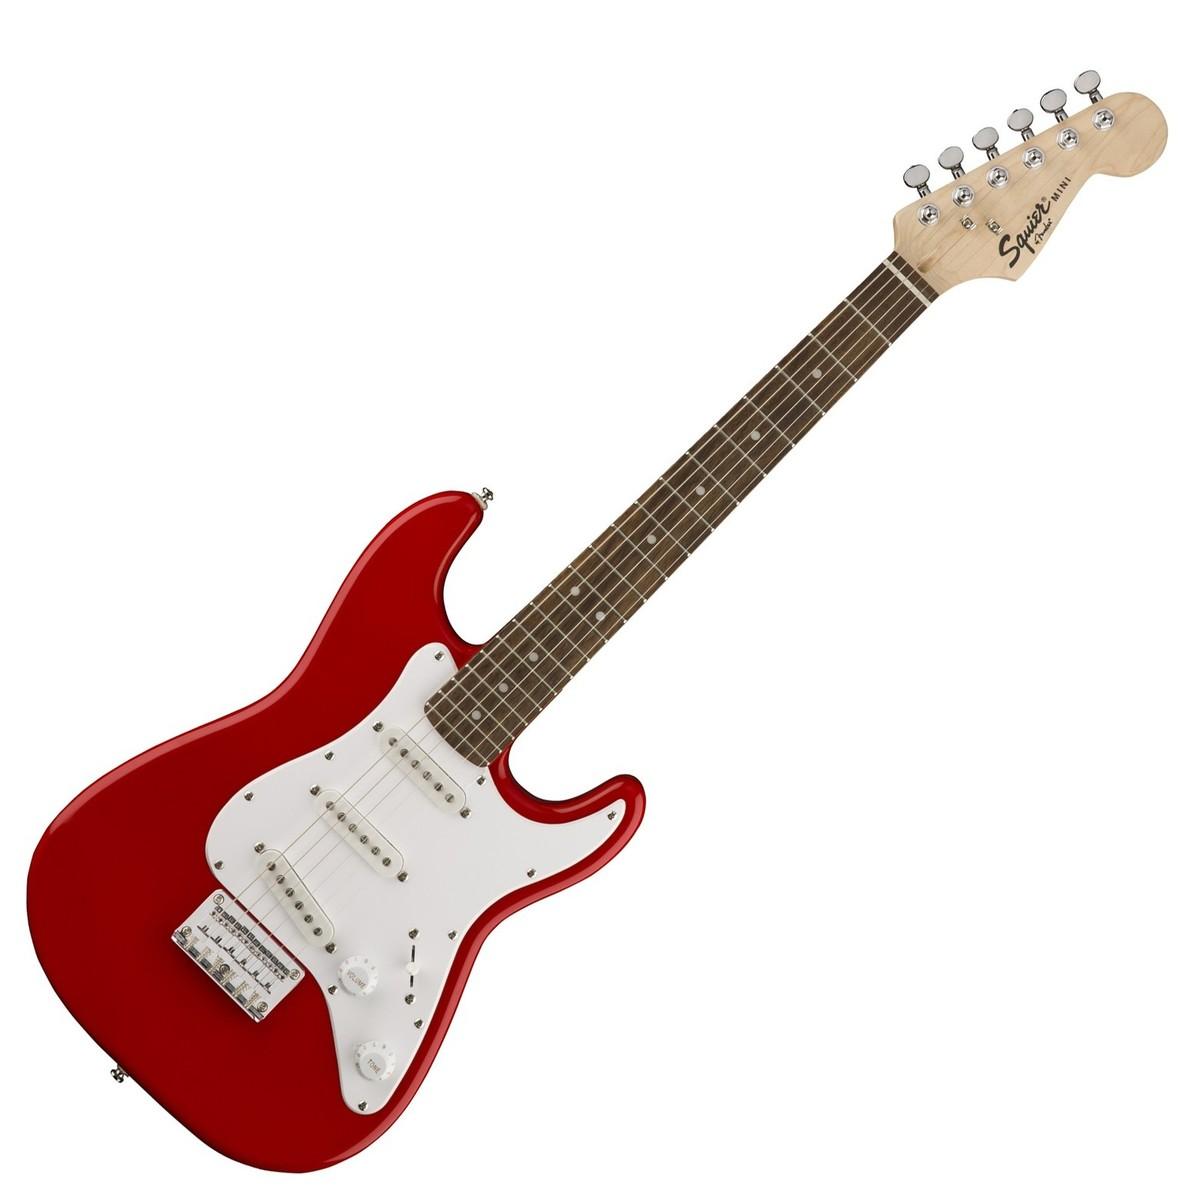 Squier Mini Stratocaster 3/4 Size, Torino Red